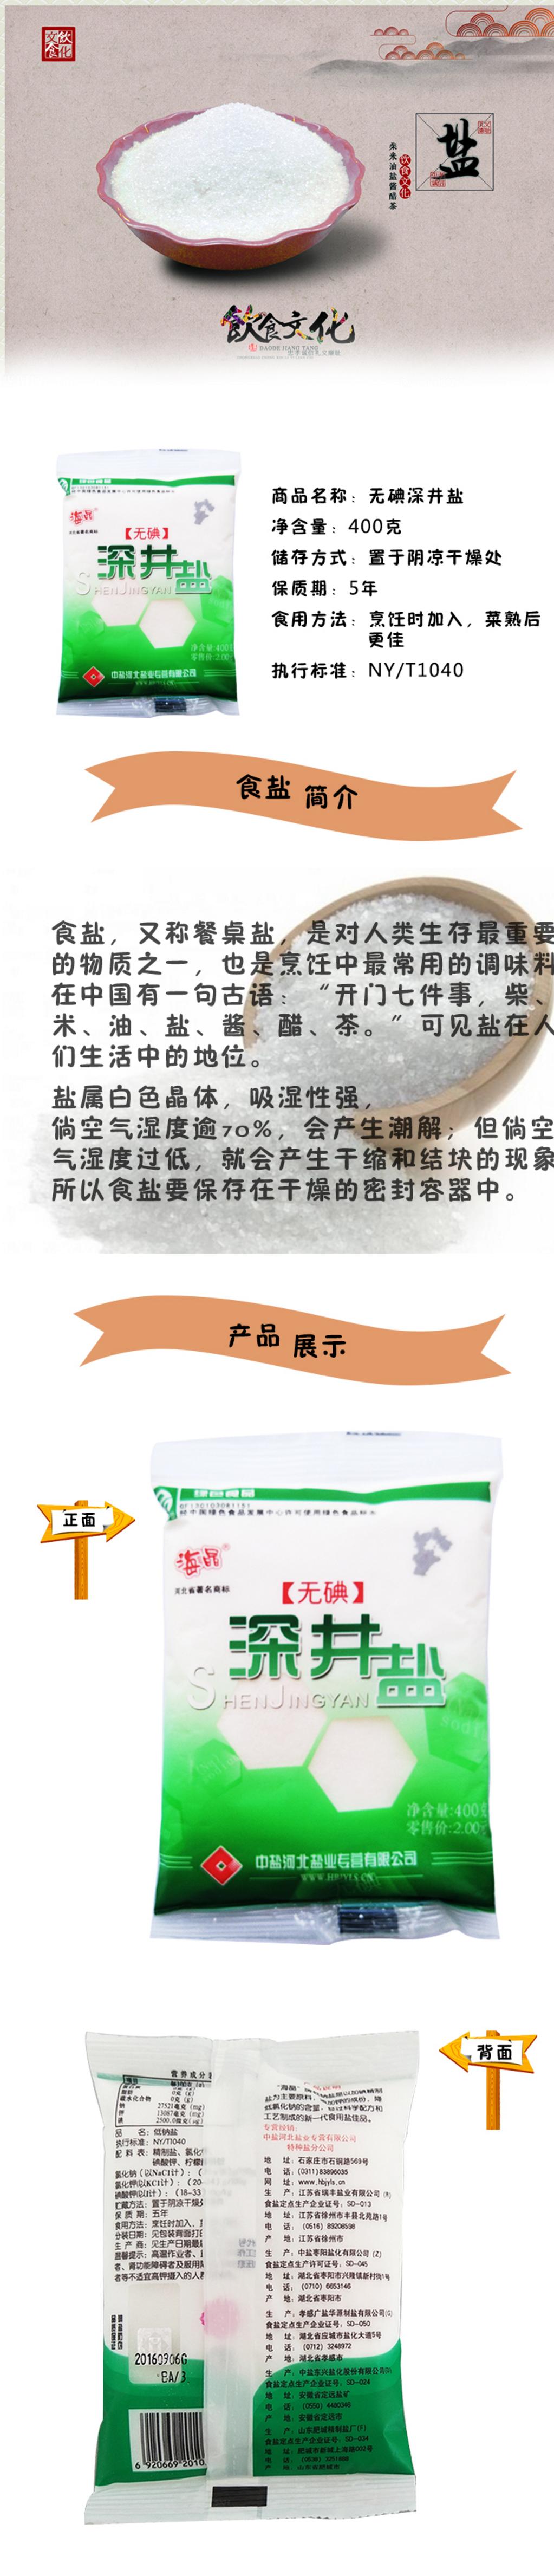 河北海晶 加碘深井盐 食用盐 400g/袋 包邮 厨房调味品 盐